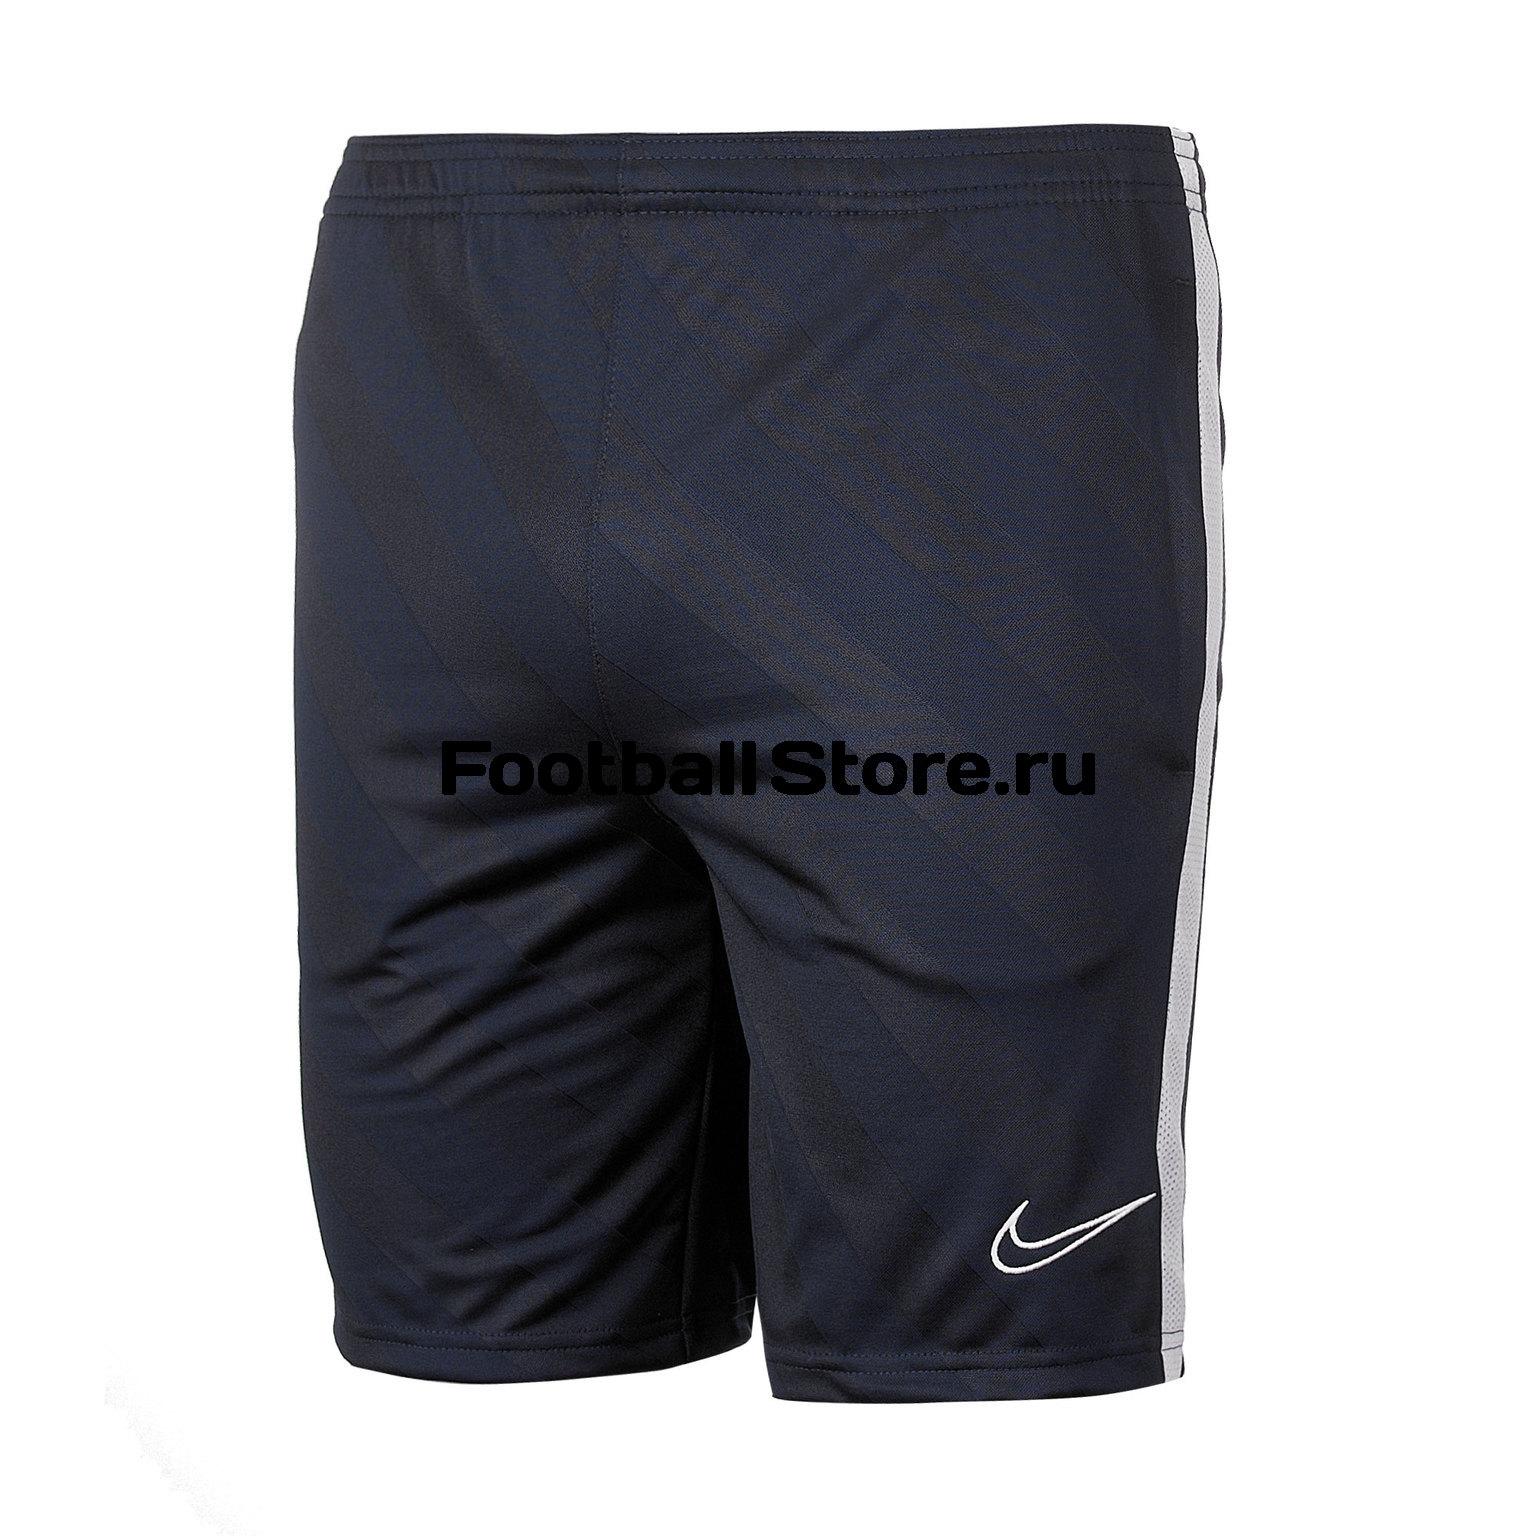 Шорты подростковые Nike Breathe Academy19 Short BQ5812-451 цена и фото